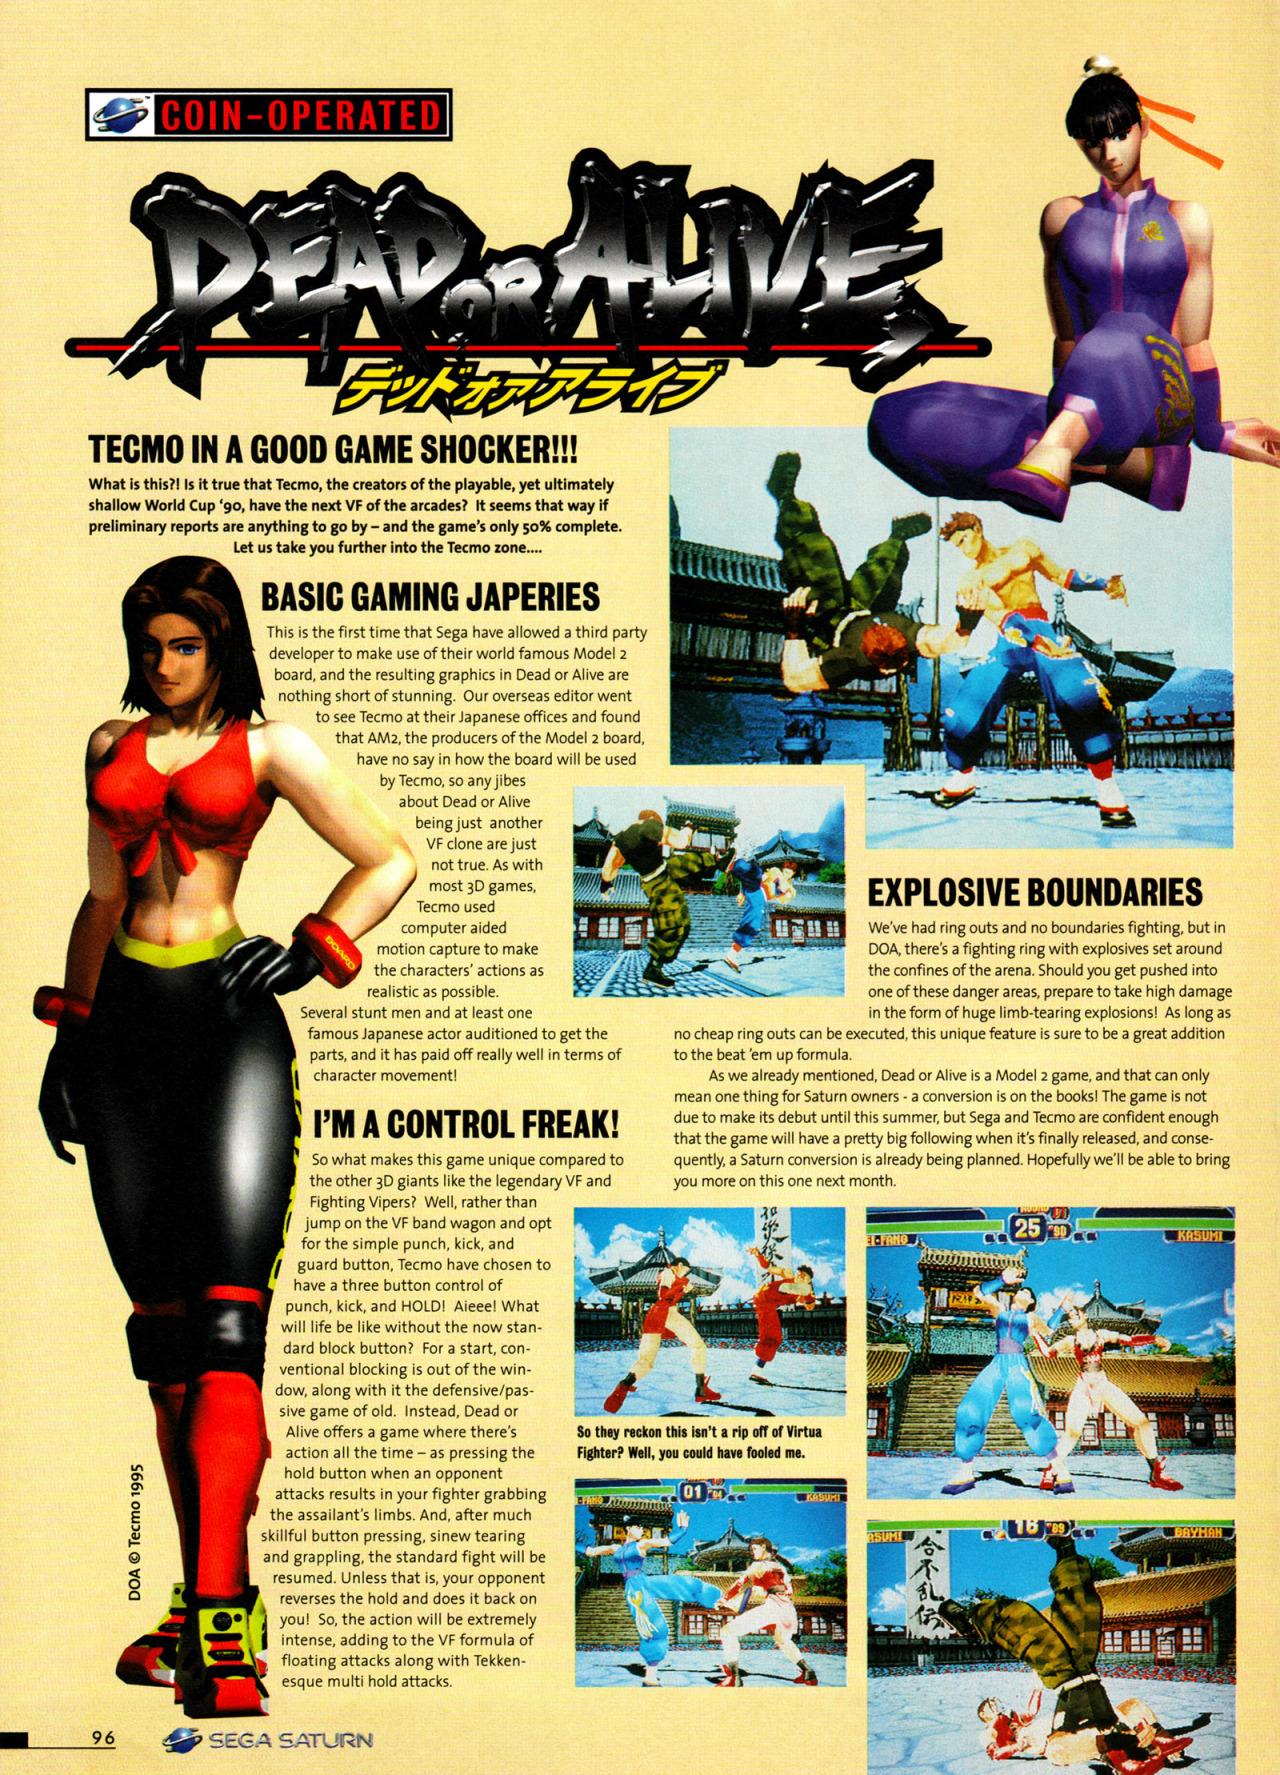 Dead Or Alive para Sega Saturn em uma revista